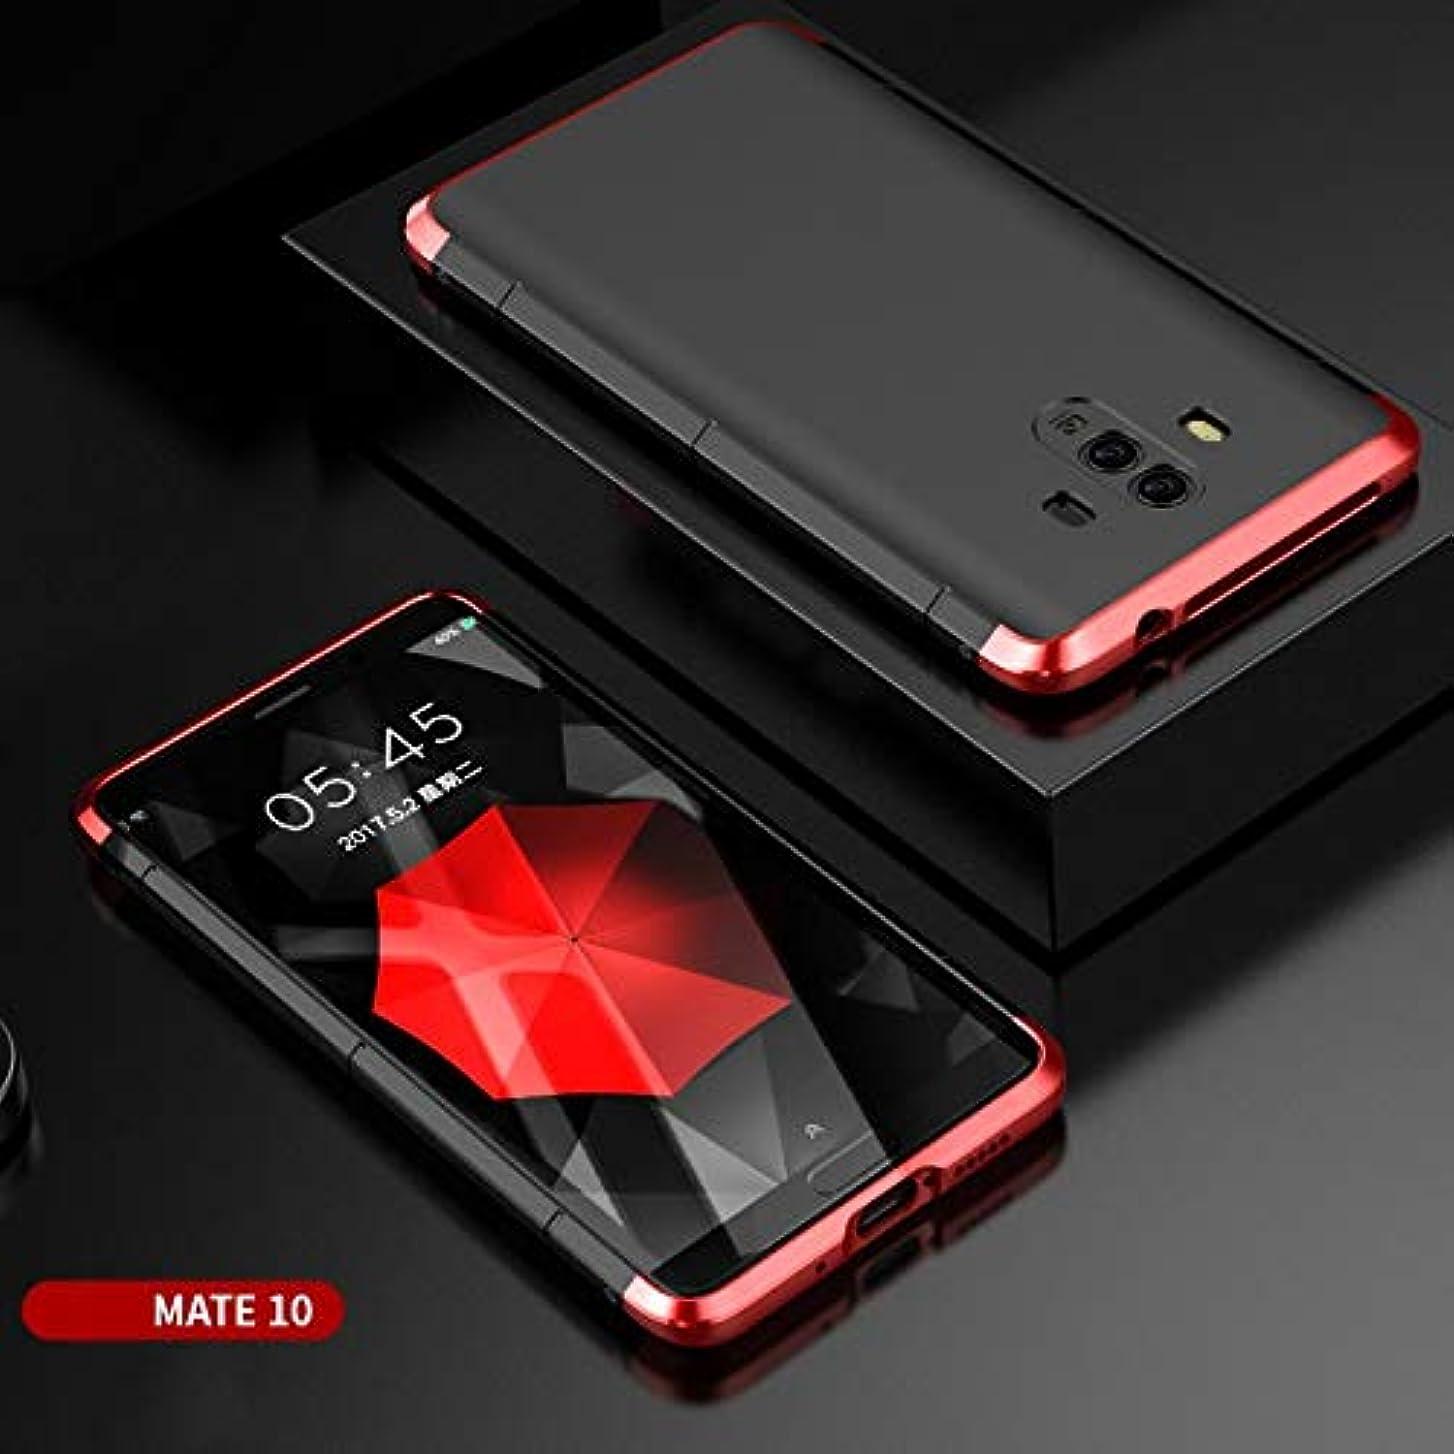 説明反発反発Jicorzo - Huawei社メイト10 Coqueのために華為メイト10電話ケース耐衝撃バンパーフレームシェルのためにファッションメタル+ PC電話裏表紙